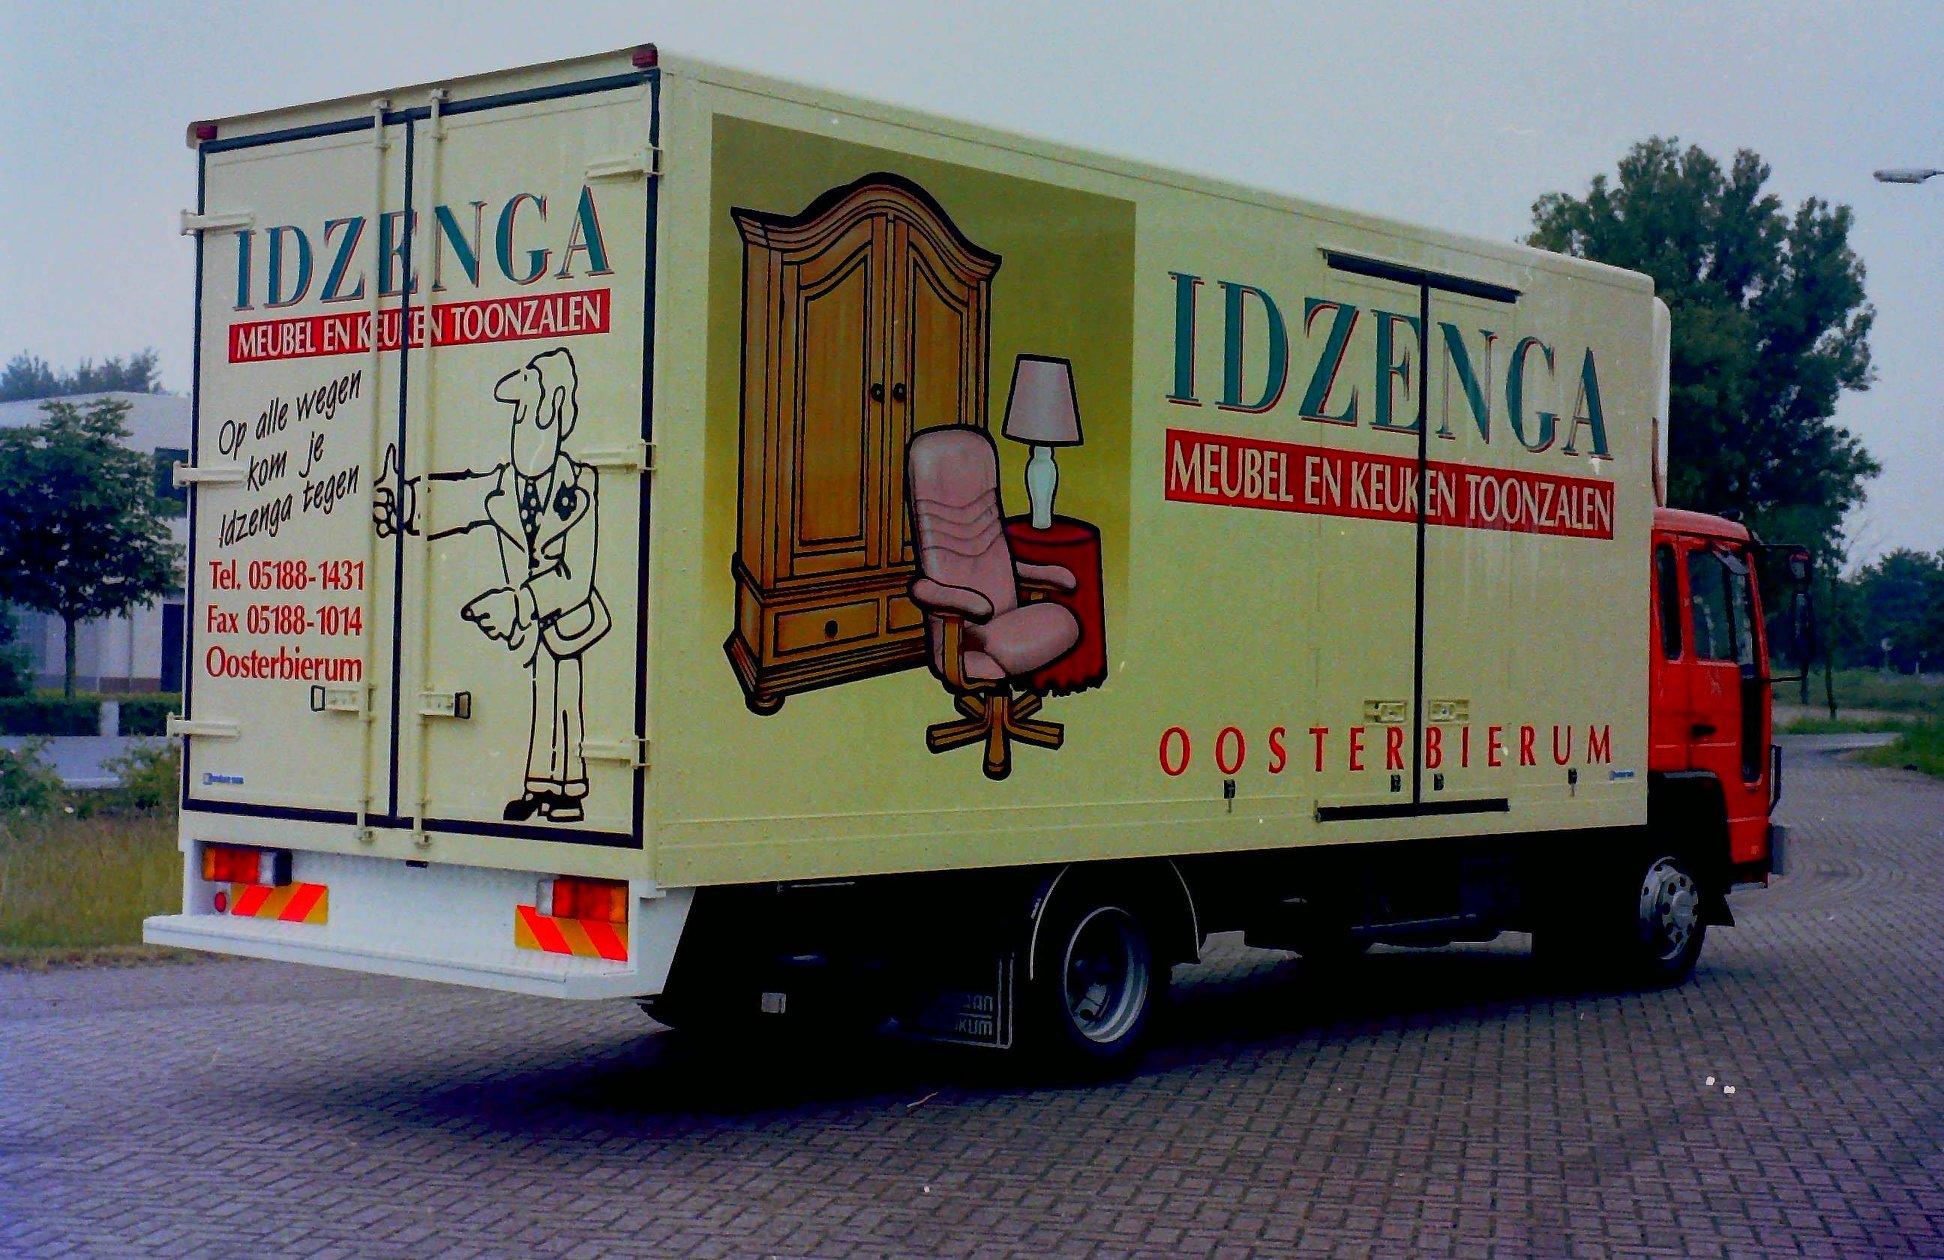 Deze-auto-is-opgebouwd-voor-Meubelzaak-IDZENGA-uit-Oosterbierum-door-Rondaan-3